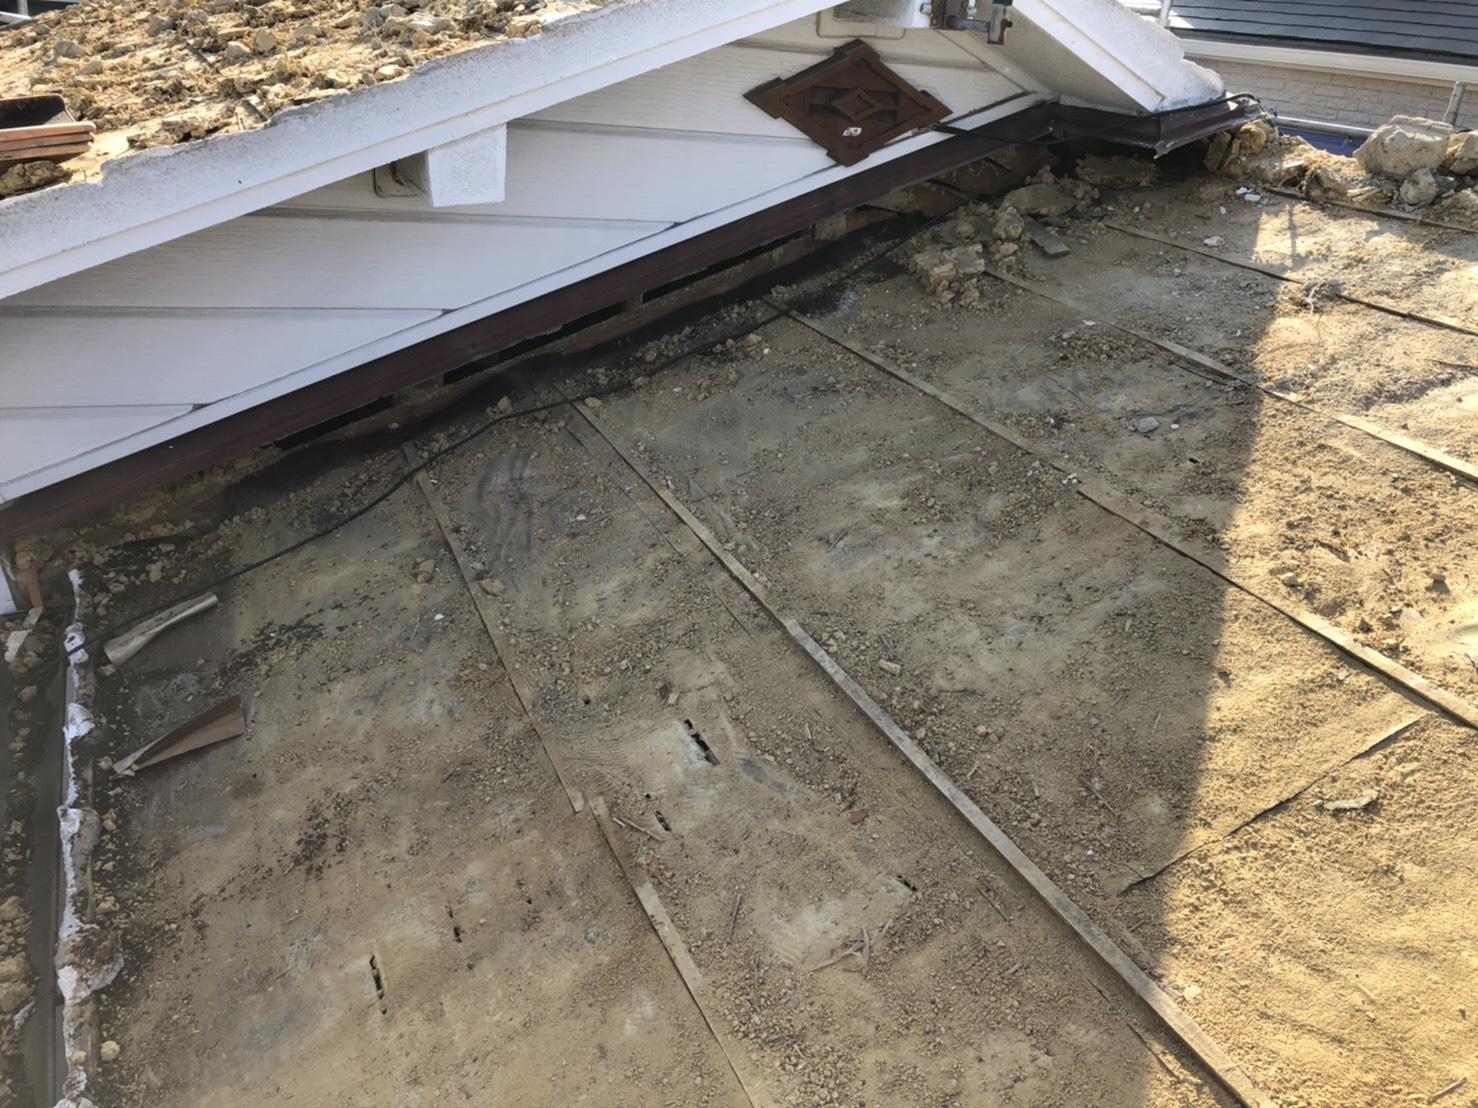 神戸市垂水区での屋根葺き替え工事で土を撤去した様子